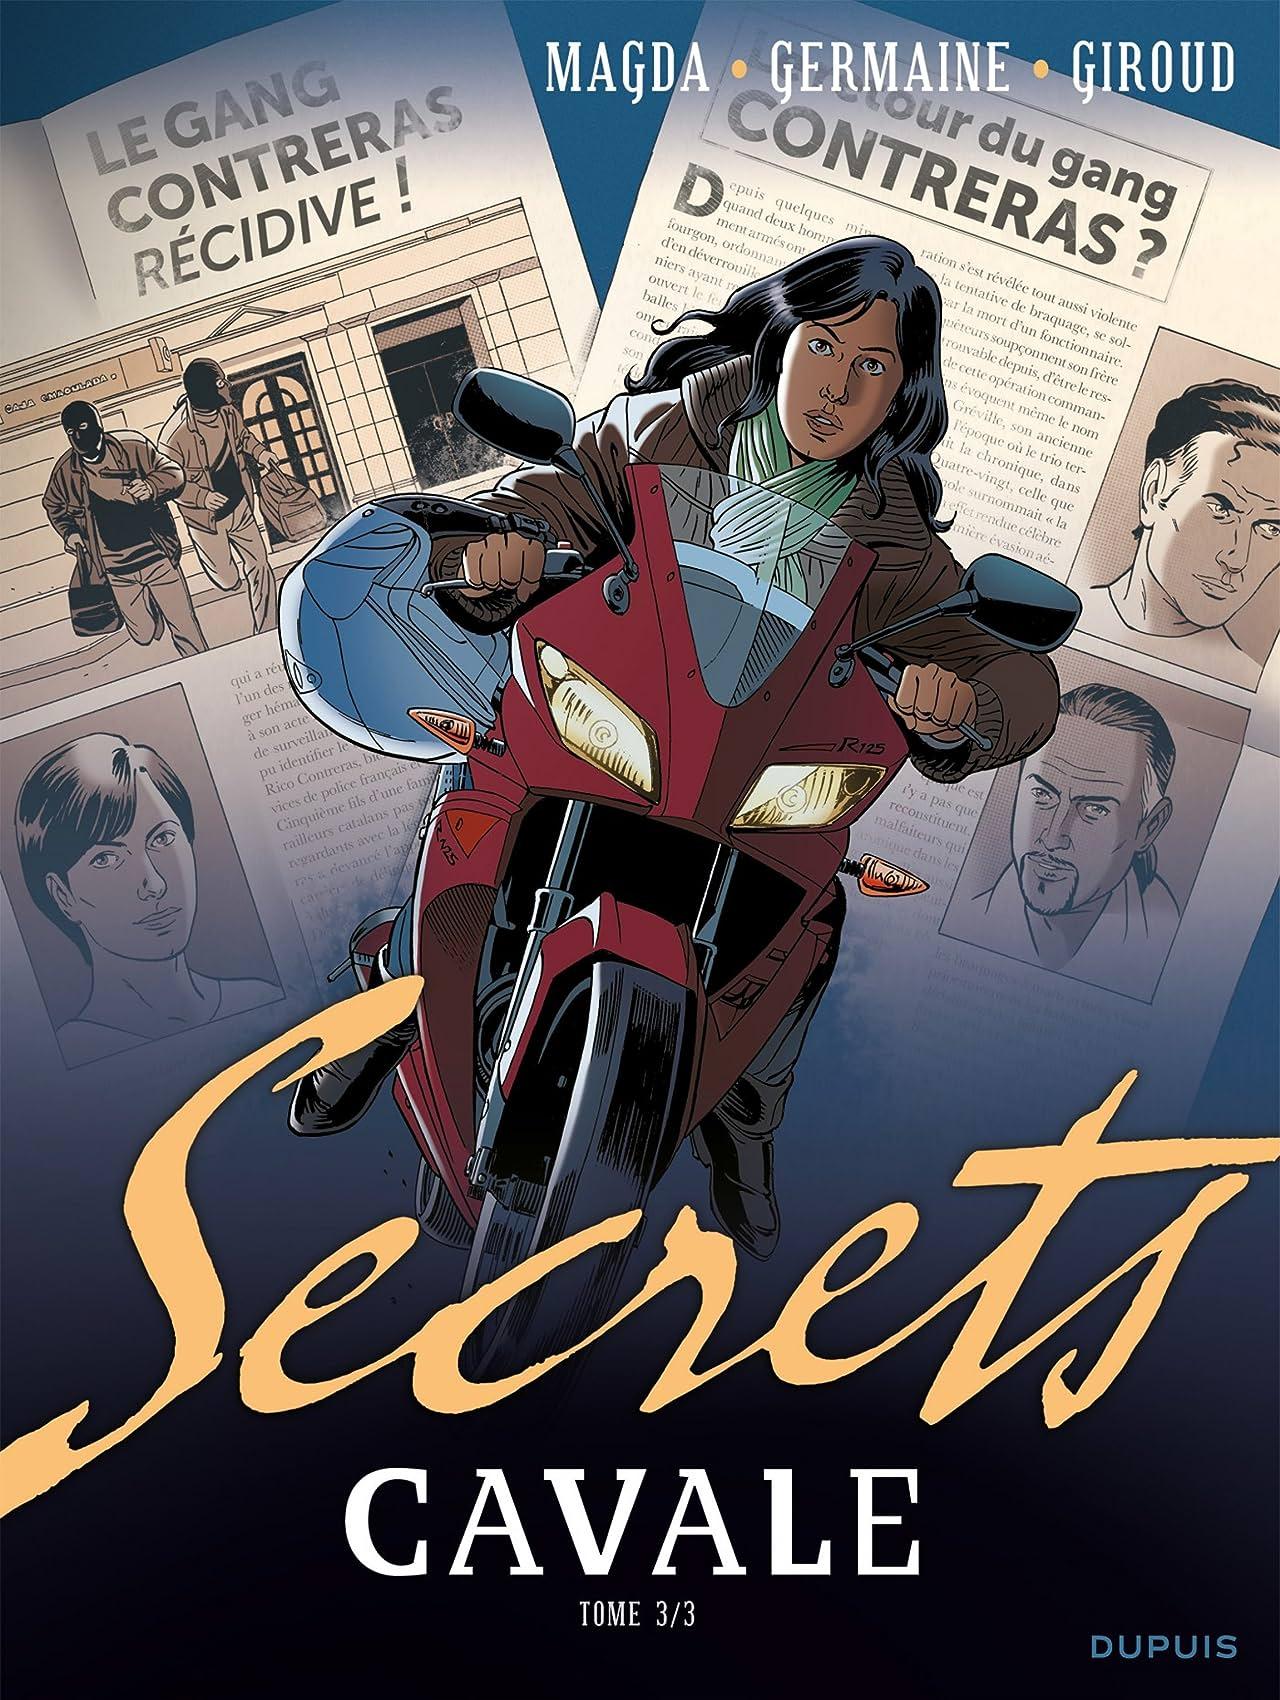 Secrets, Cavale Vol. 3